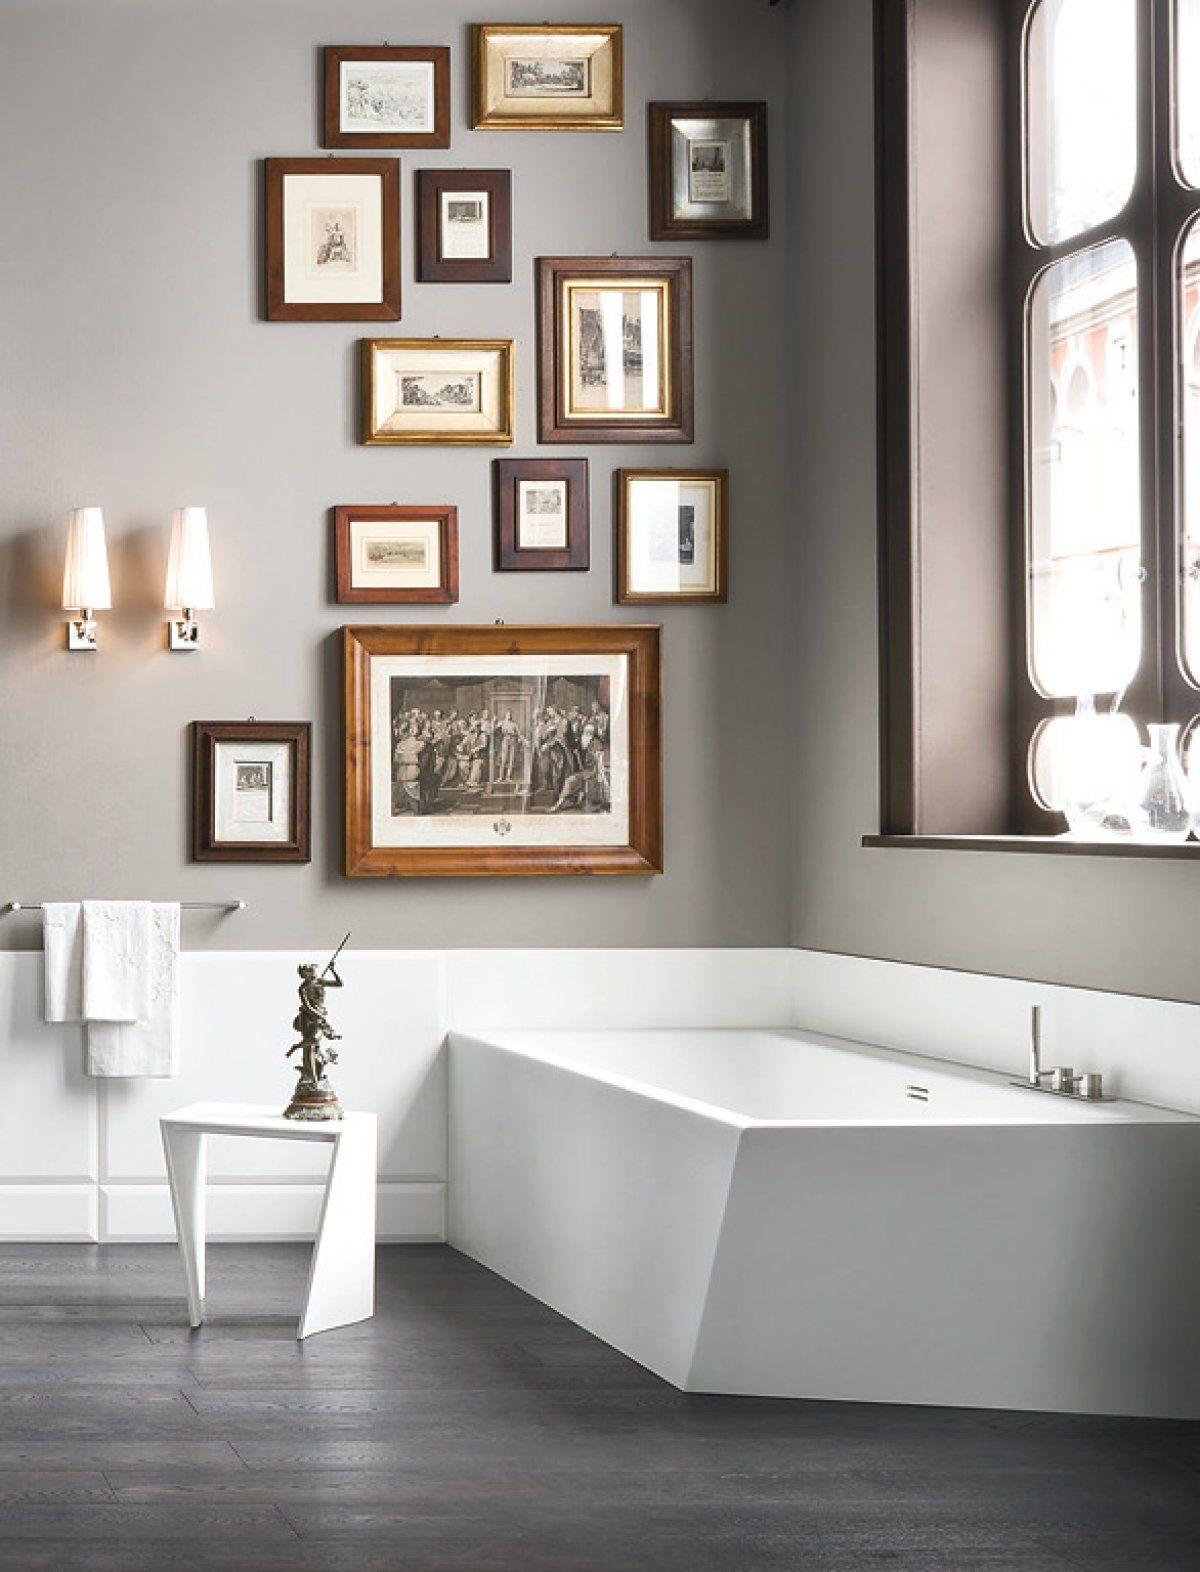 Schönes Bad ideen für ein schönes bad baden mit kunst bathroom and bathtubs